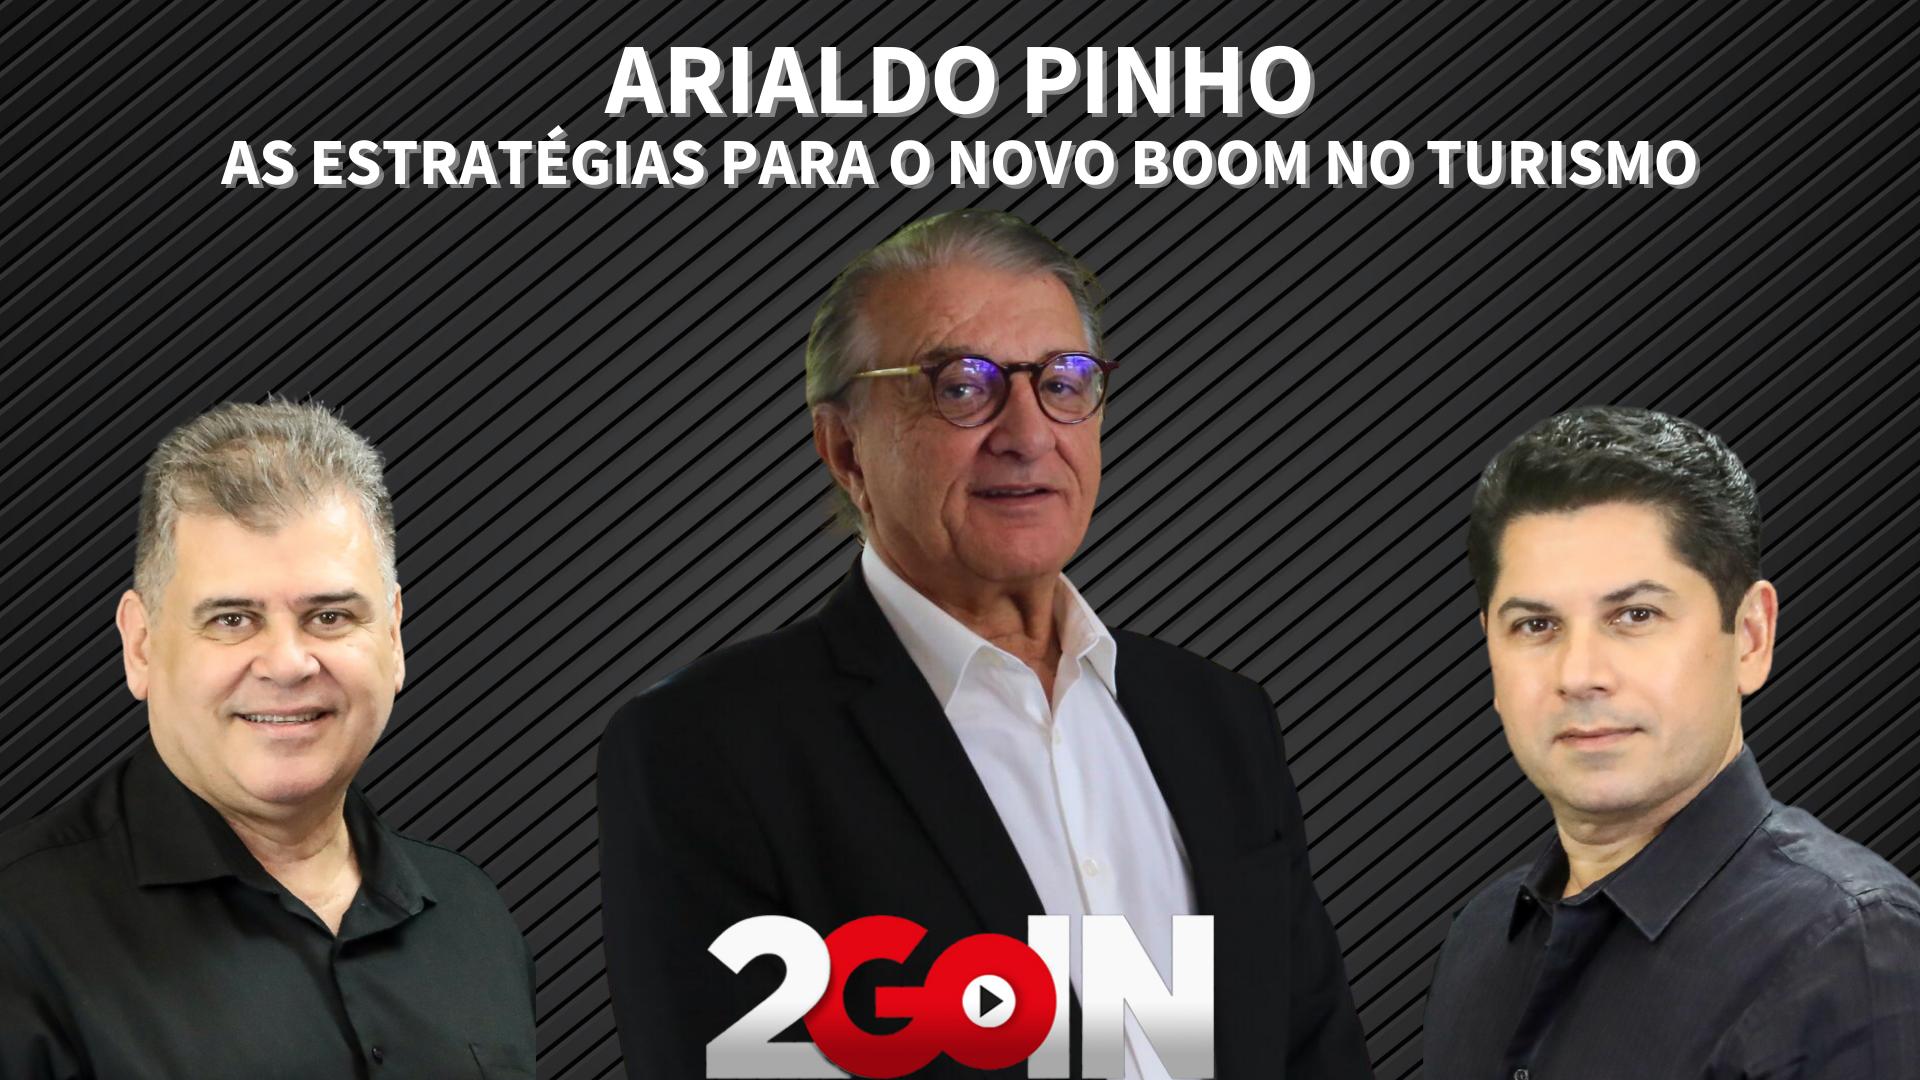 Secretário do Turismo do Ceará, Arialdo Pinho faz um balanço do setor e fala da expectativa para um novo boom do turismo